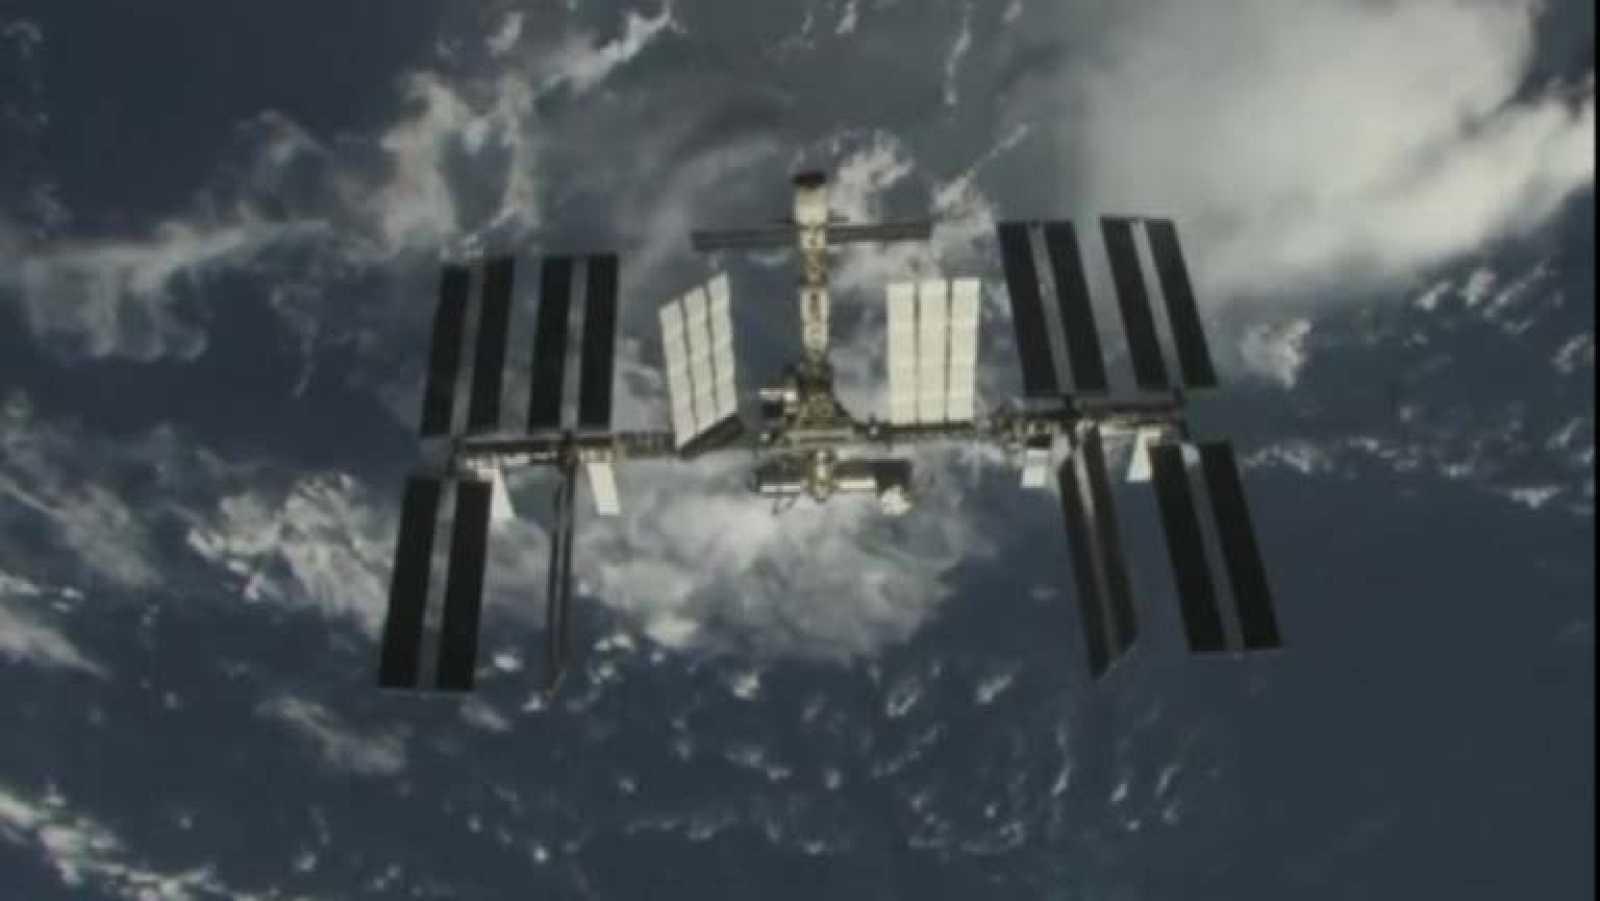 Se cumplen 15 años desde que se lanzó el primero de los módulos de la Estación Espacial Internacional